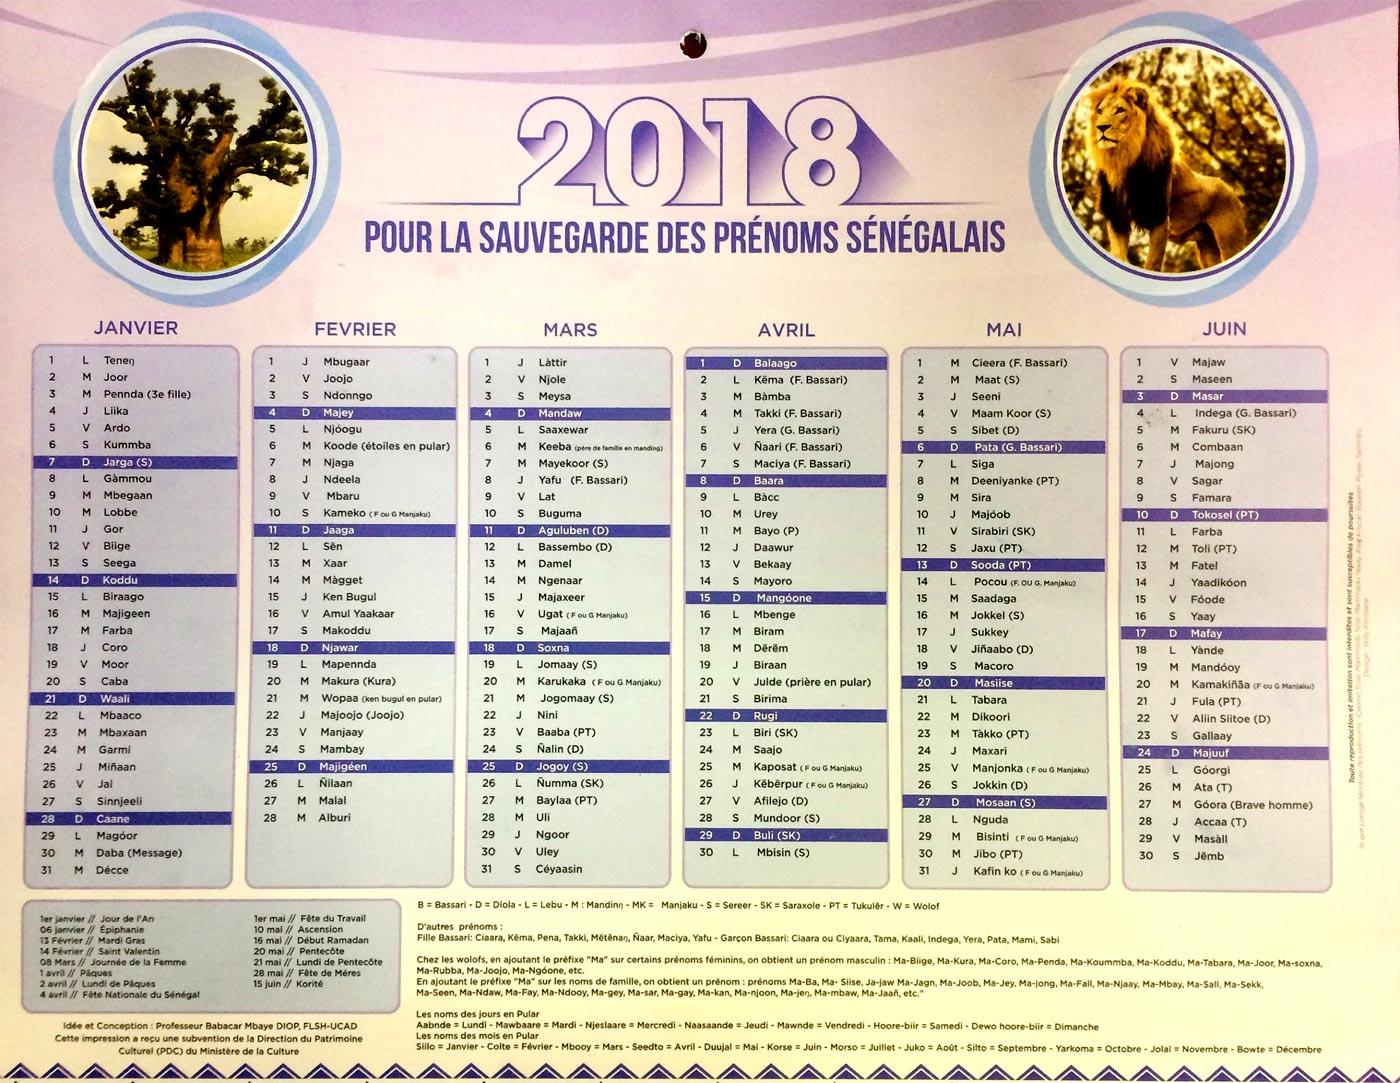 Calendrier Des Saints Et Des Prenoms.Un Calendrier Pour La Sauvegarde Des Prenoms Senegalais Au